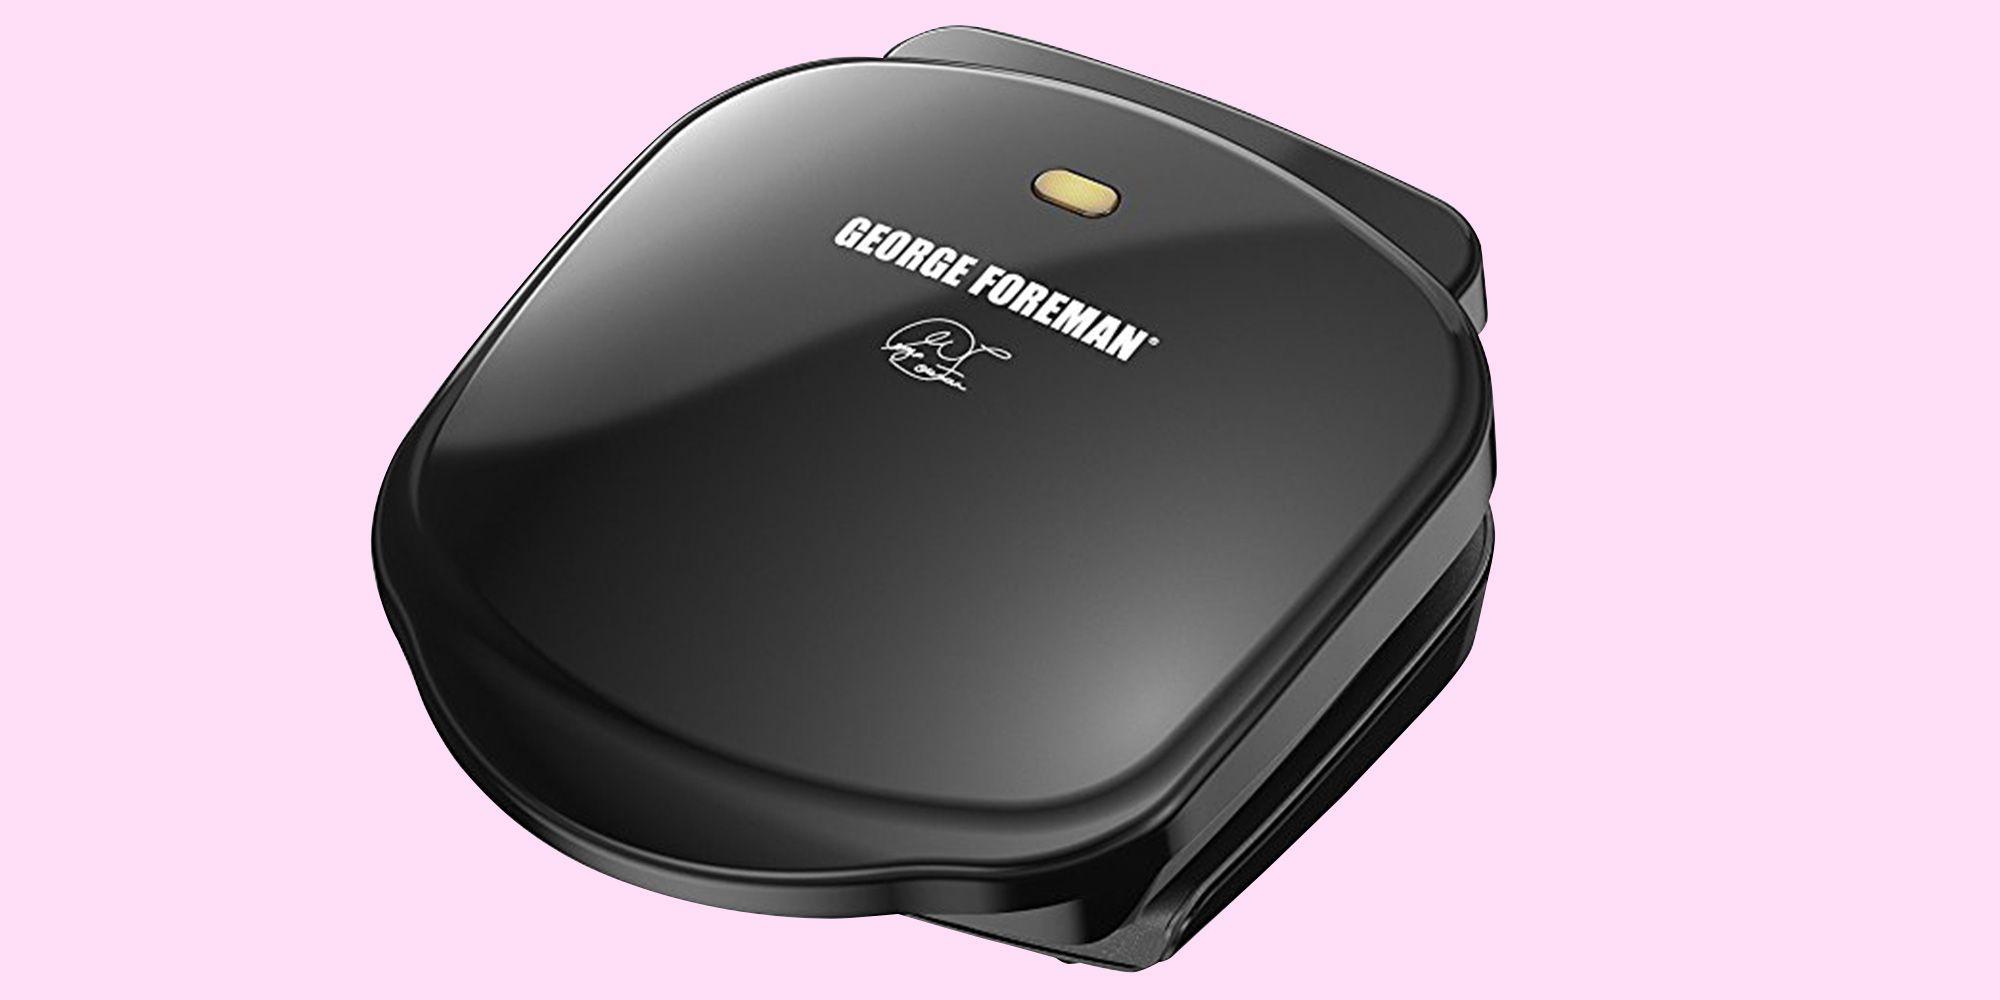 george foreman grill bon pour la perte de poids ballonnements et pas de perte de poids